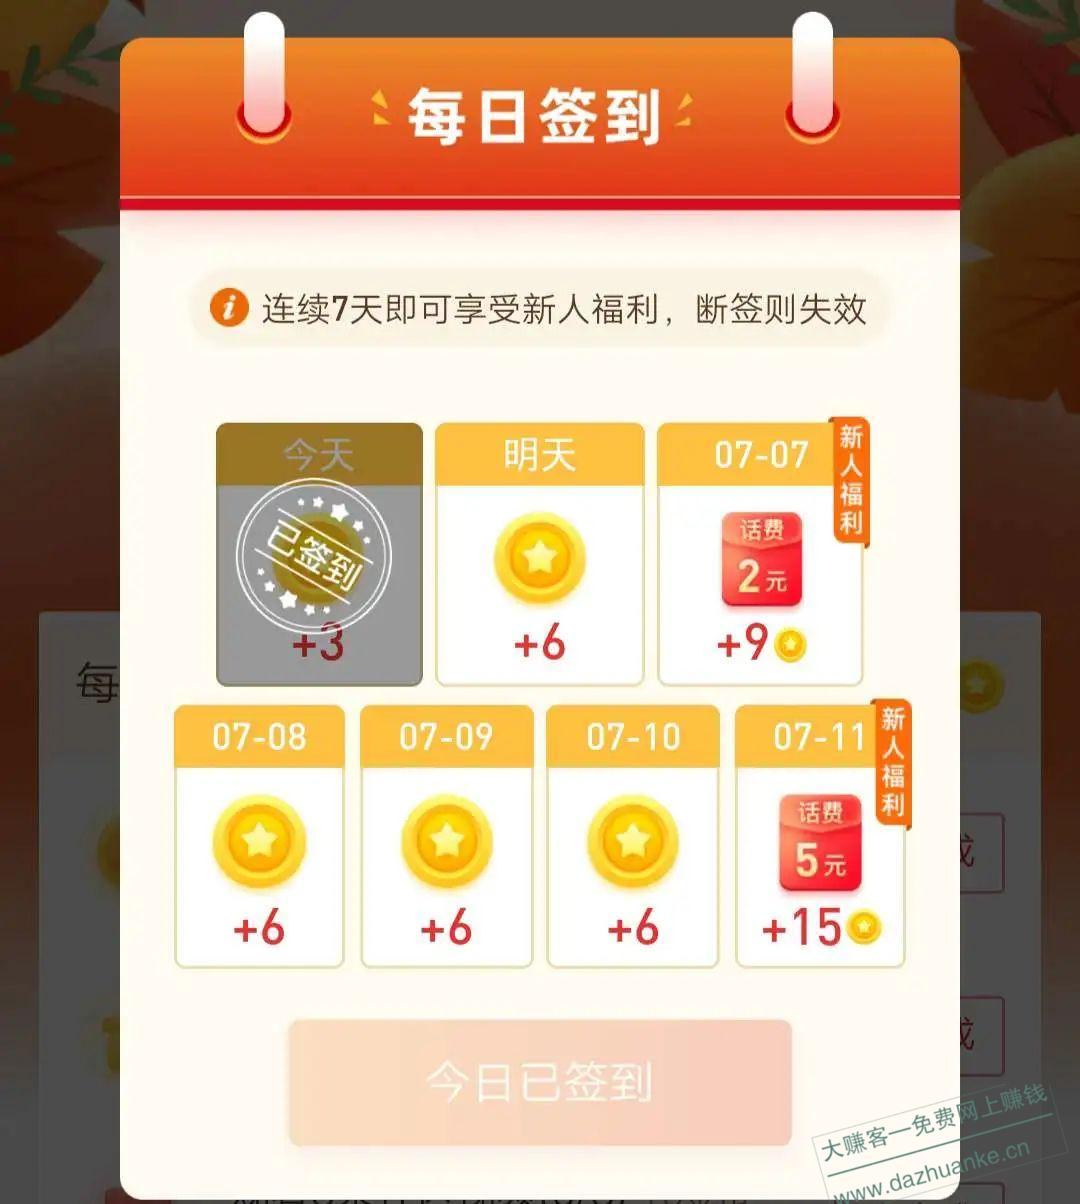 玩物得志APP:新用户1元购手串,签到7天可得7元话费。